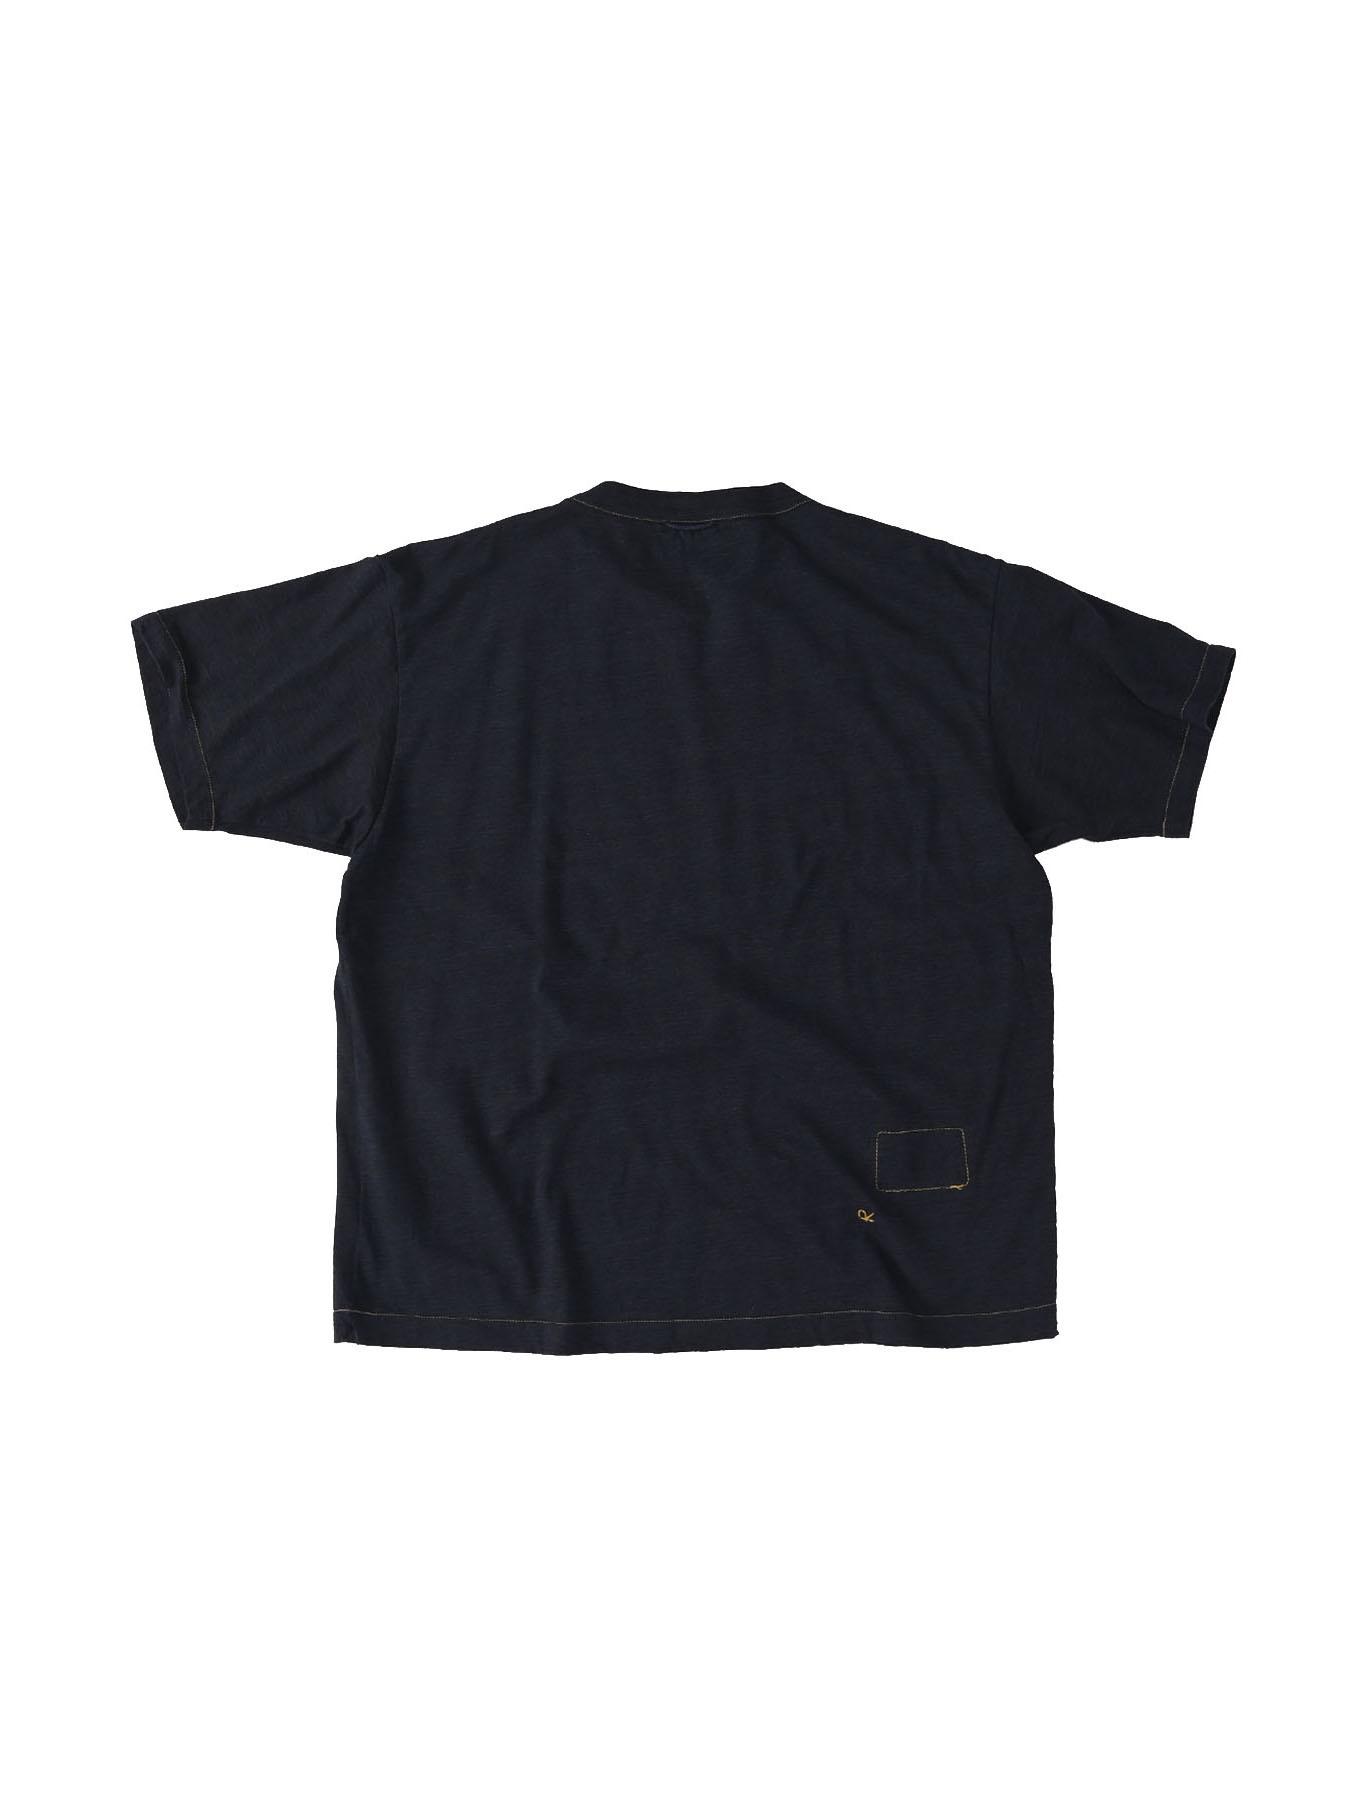 Indigo Sumite de Owl T-shirt-8